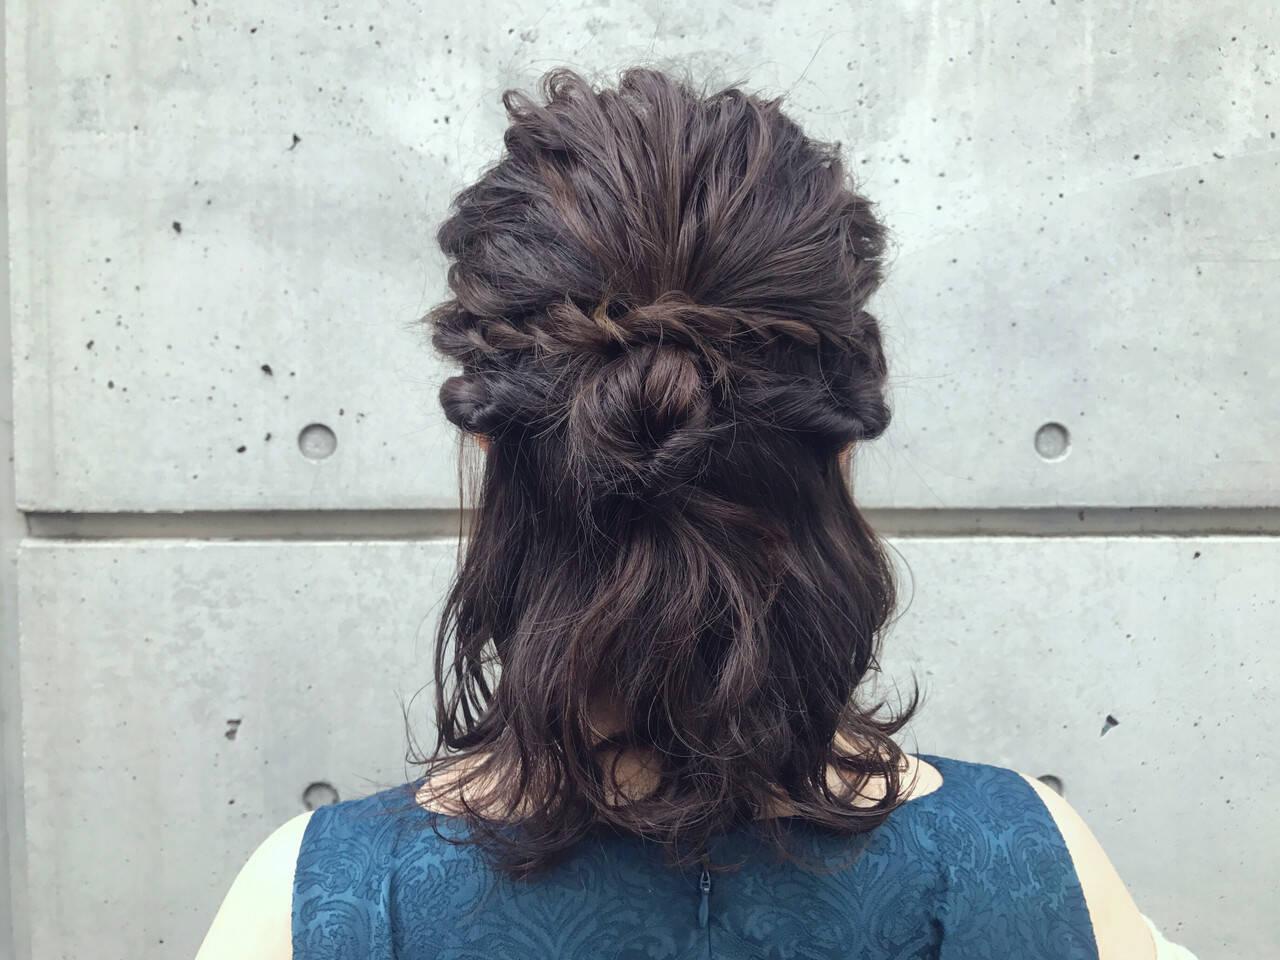 ヘアアレンジ アンニュイほつれヘア ナチュラル ミディアムヘアスタイルや髪型の写真・画像